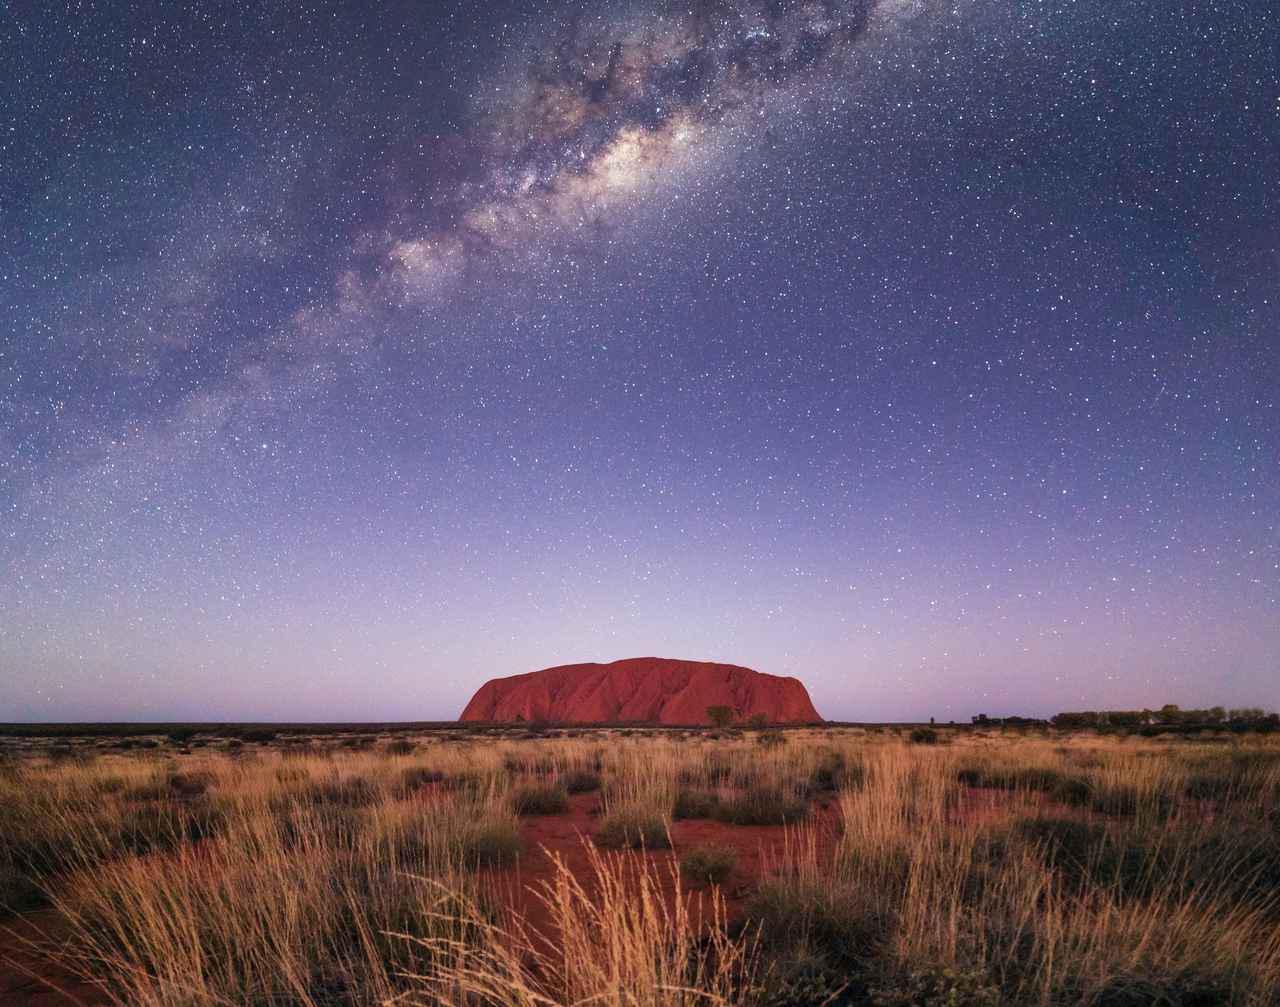 画像: 夜を美しくする〇〇シリーズ<第1回> 『星空に魅せられて2年間エアーズロックに在住!/オーストラリア』 【好奇心で旅する海外】<夜空の物語> - クラブログ ~スタッフブログ~|クラブツーリズム